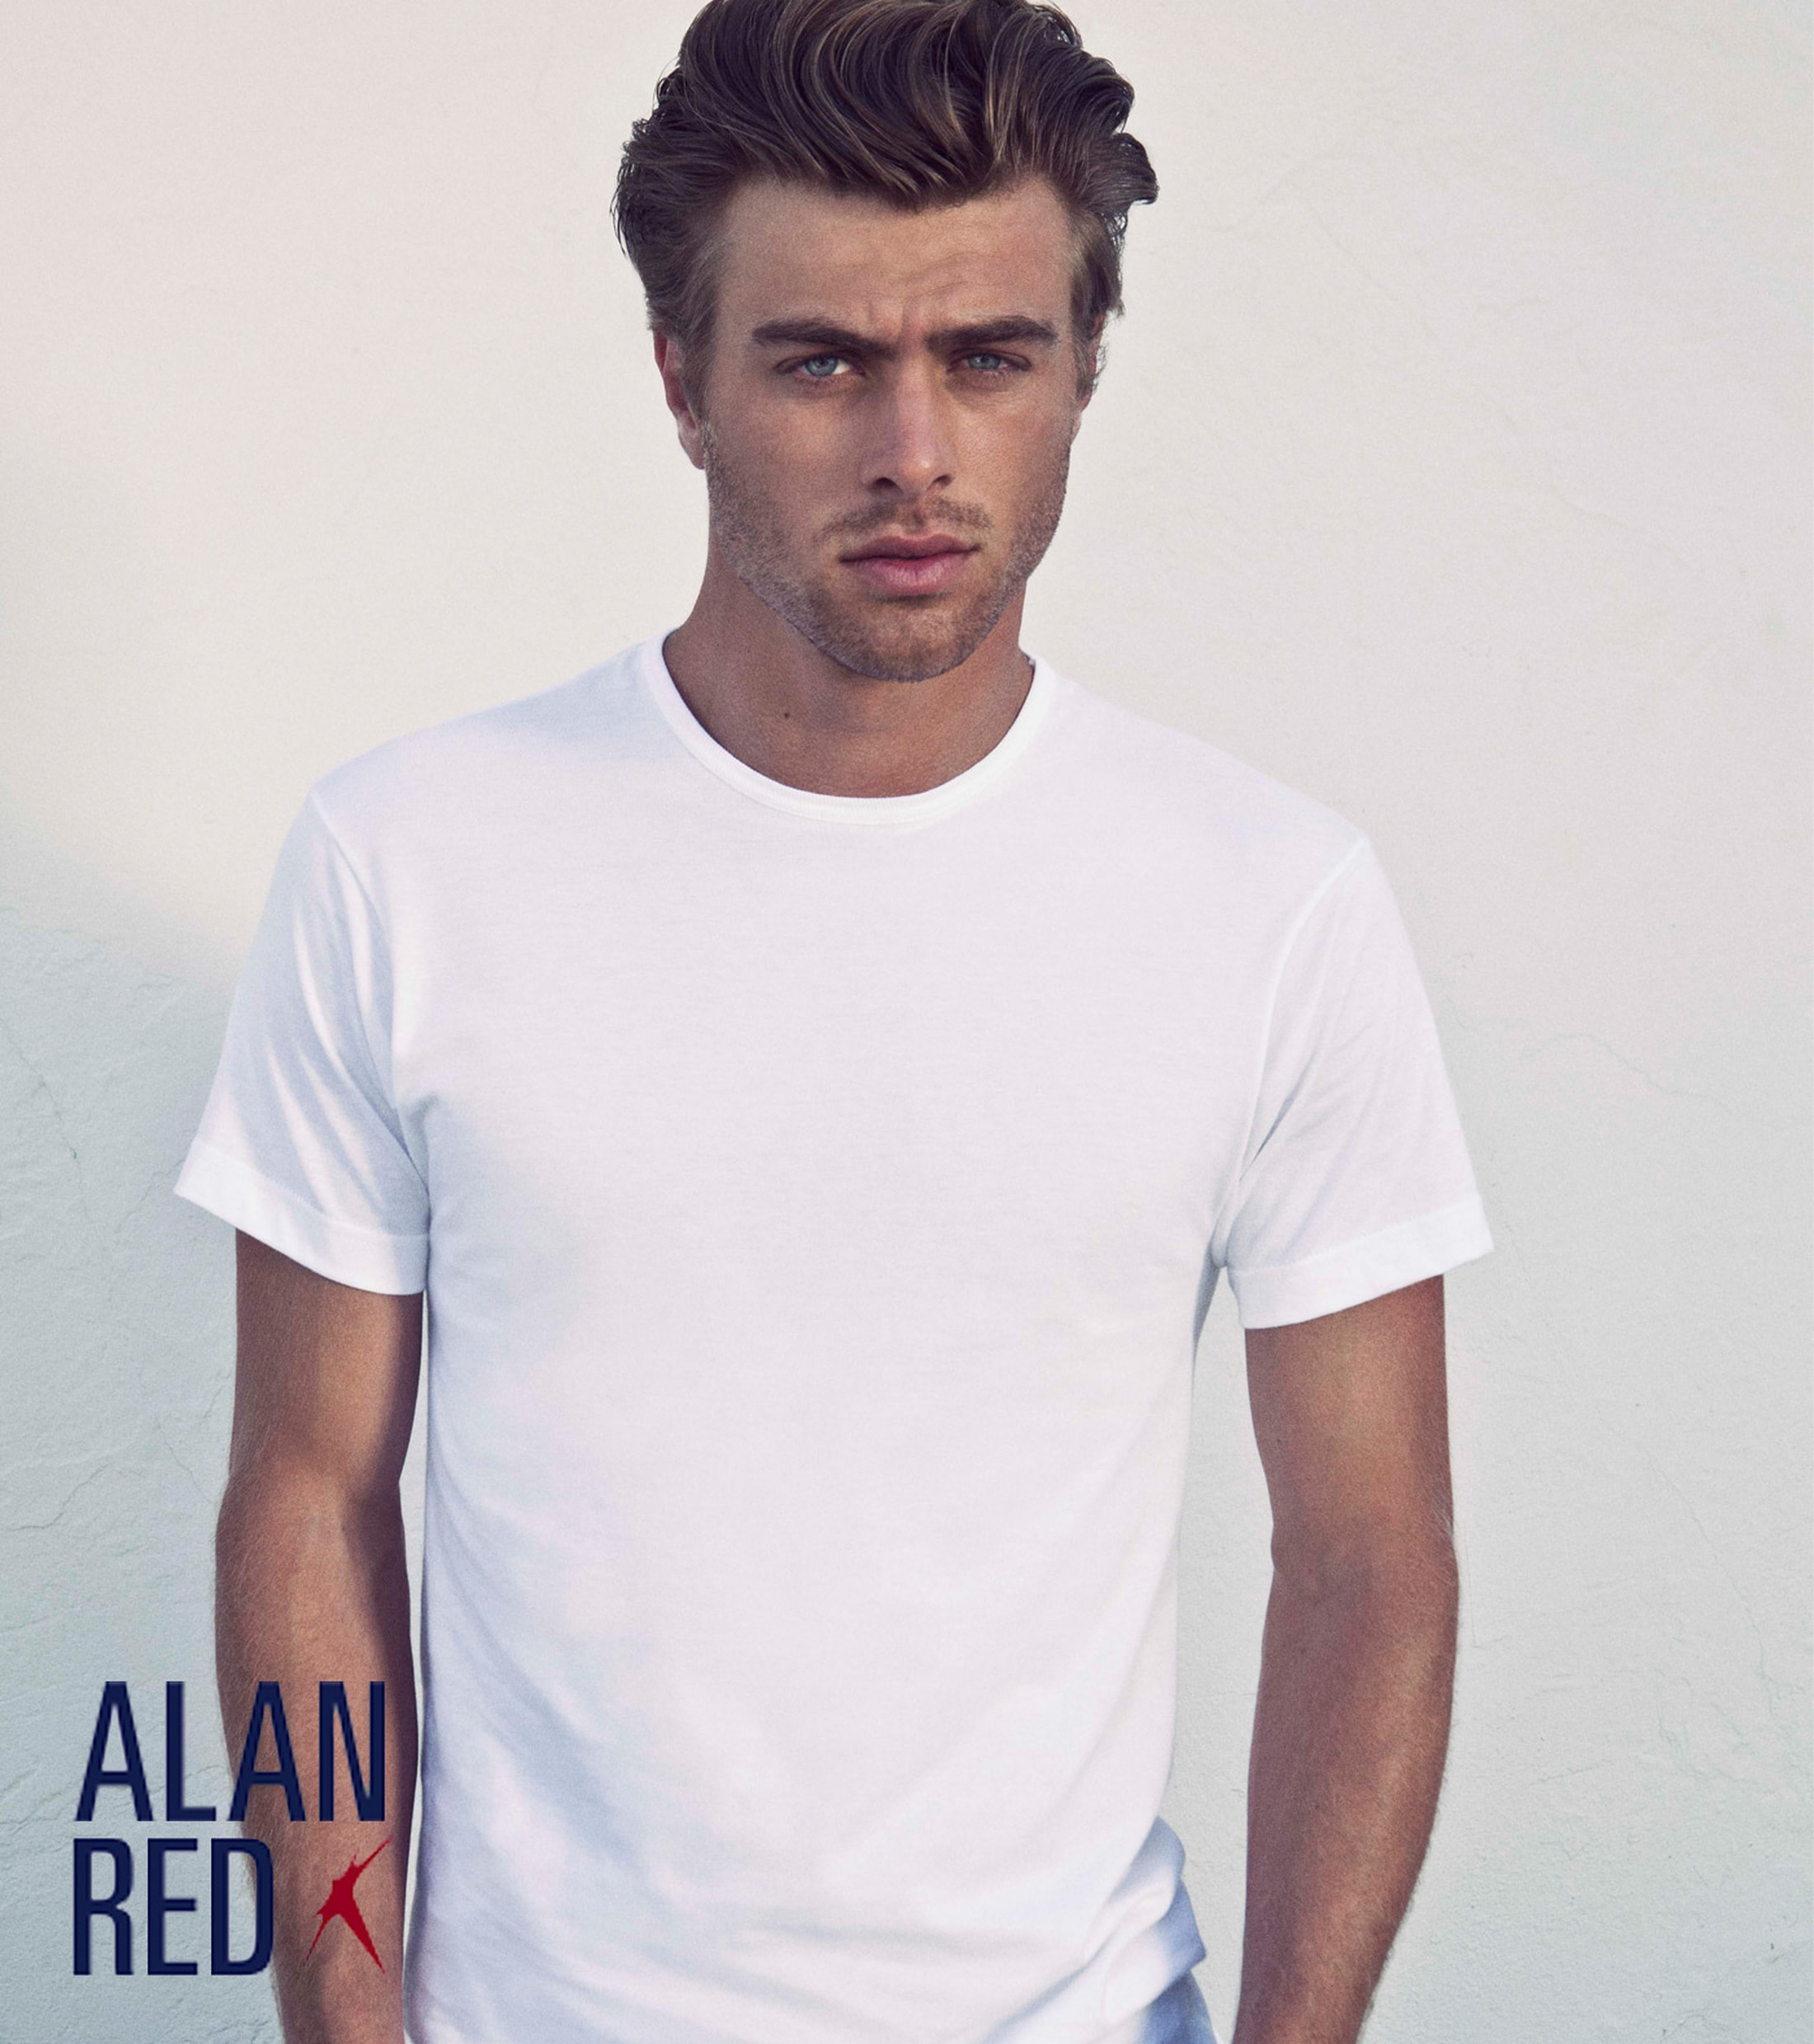 Alan Red Derby O-Neck T-shirt Black 1-Pack foto 3